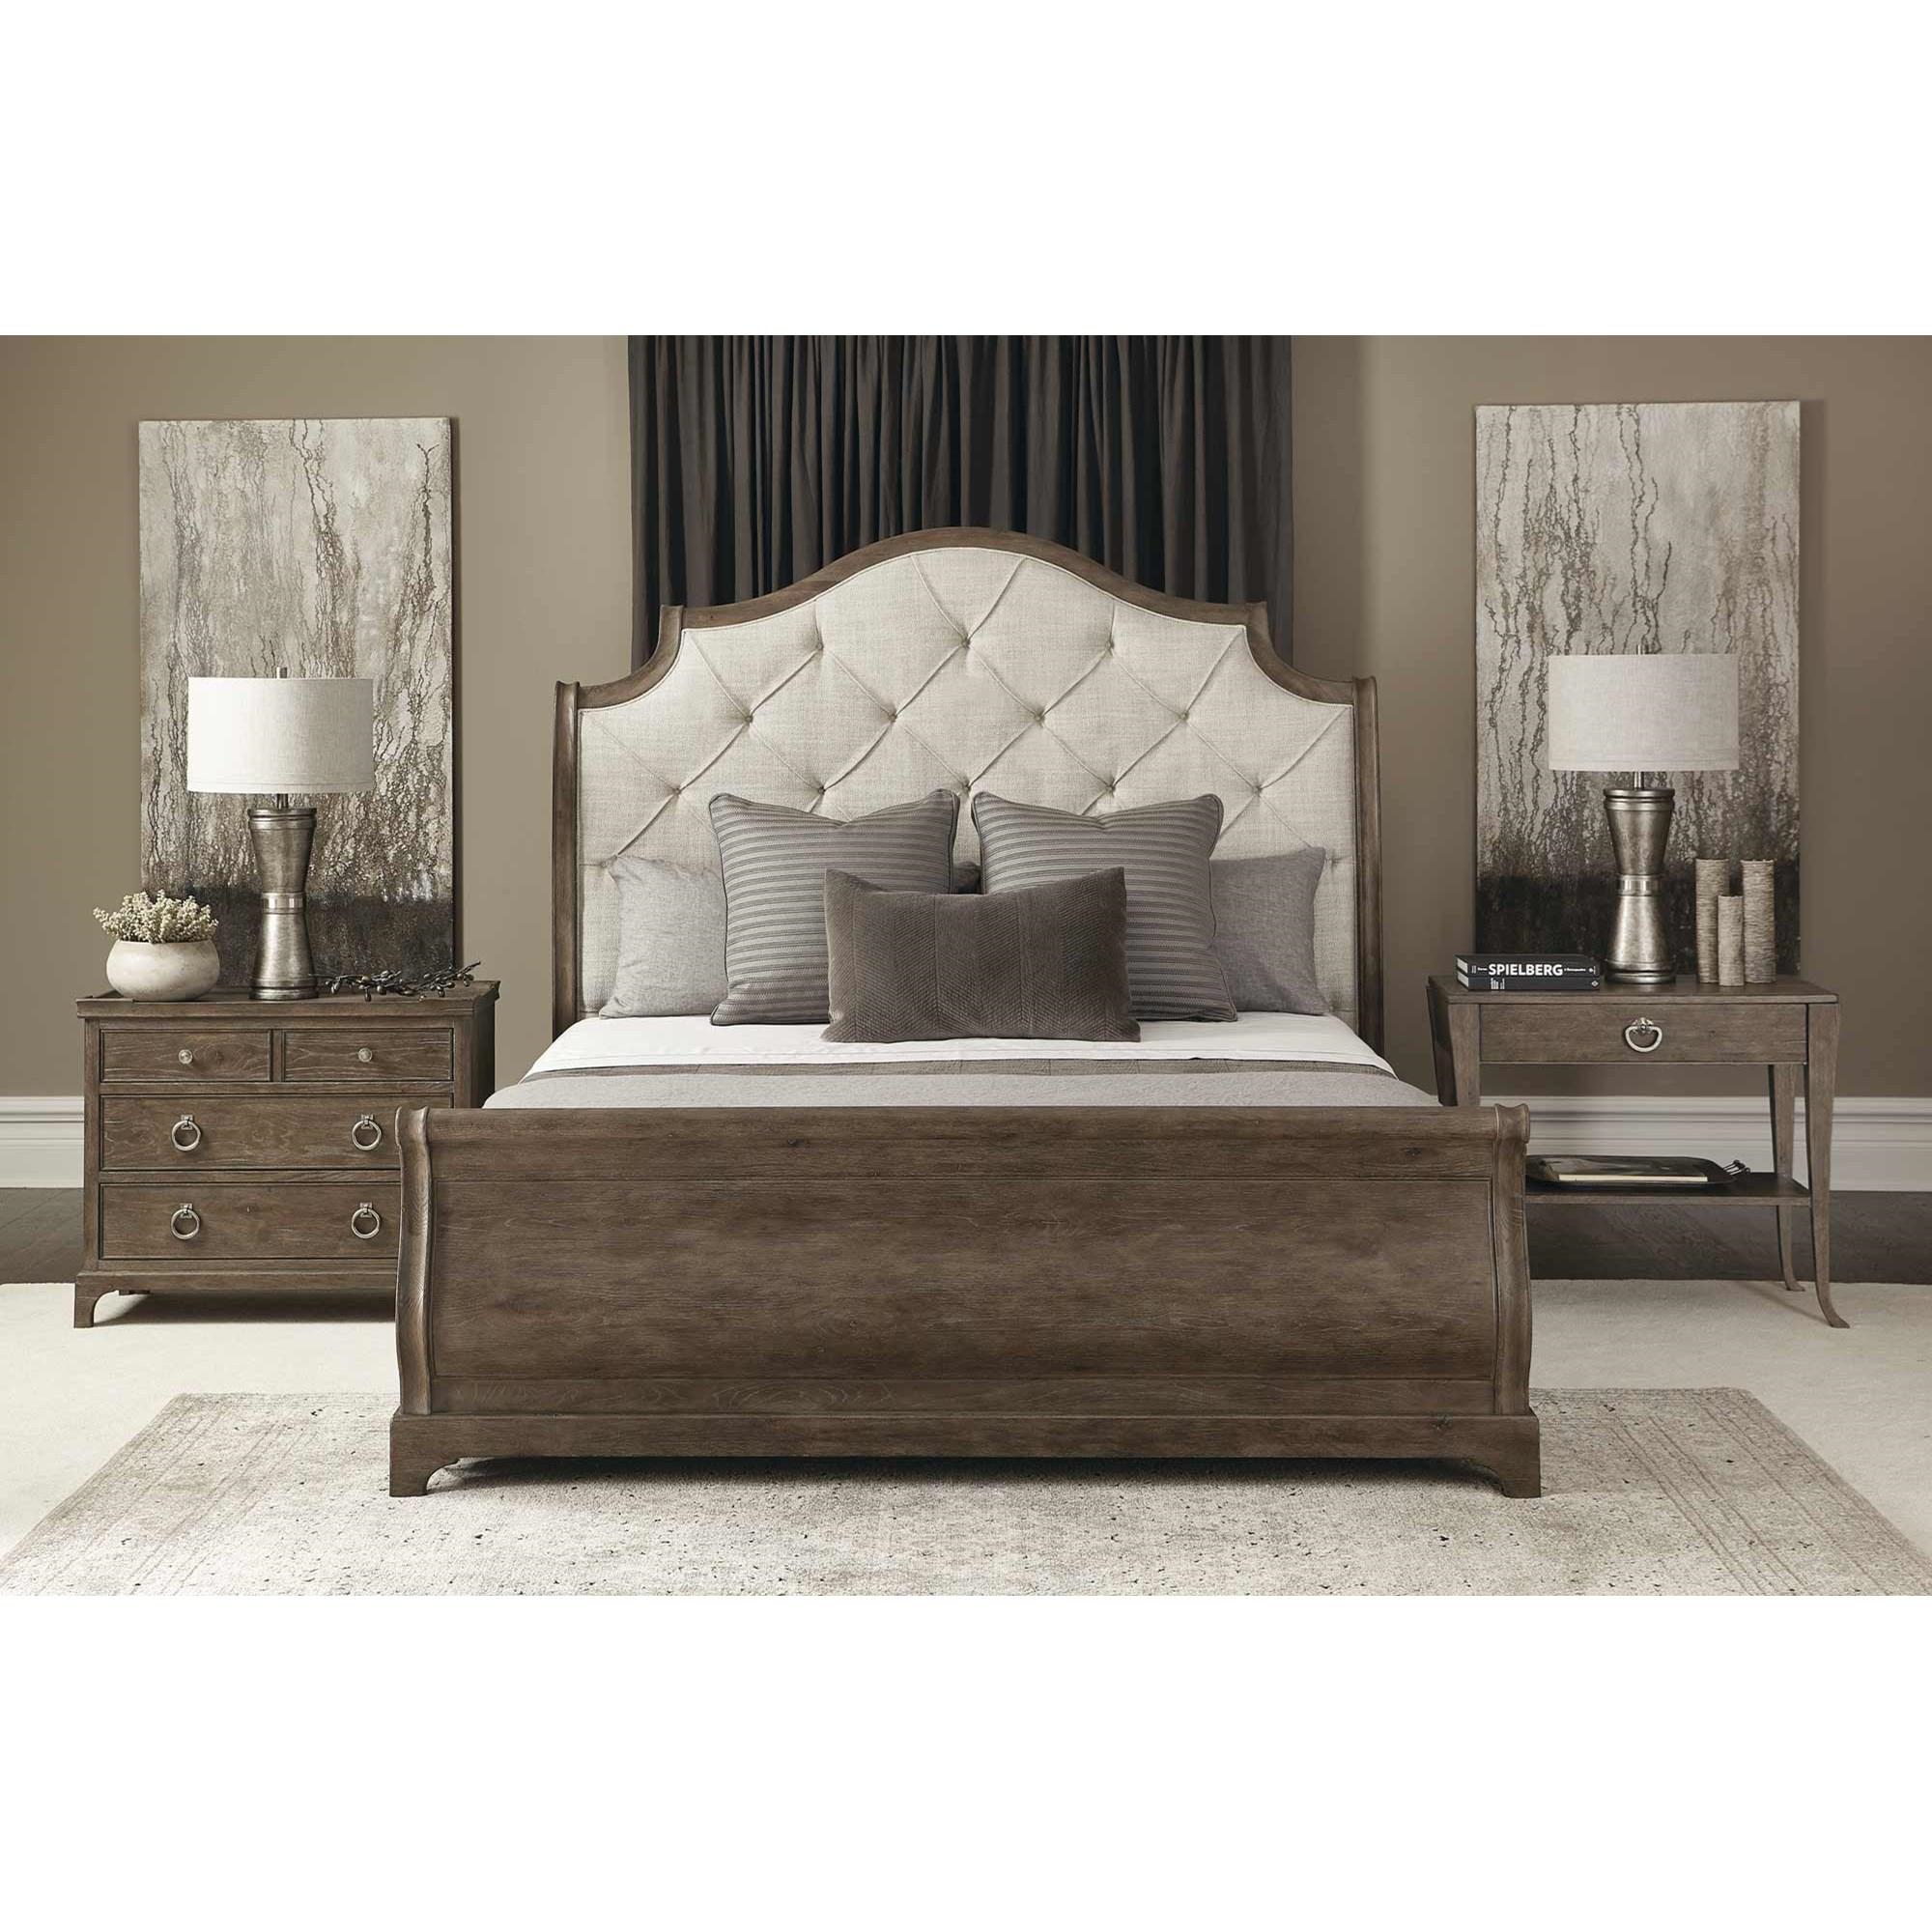 Rustic Patina California King Bedroom Group at Williams & Kay